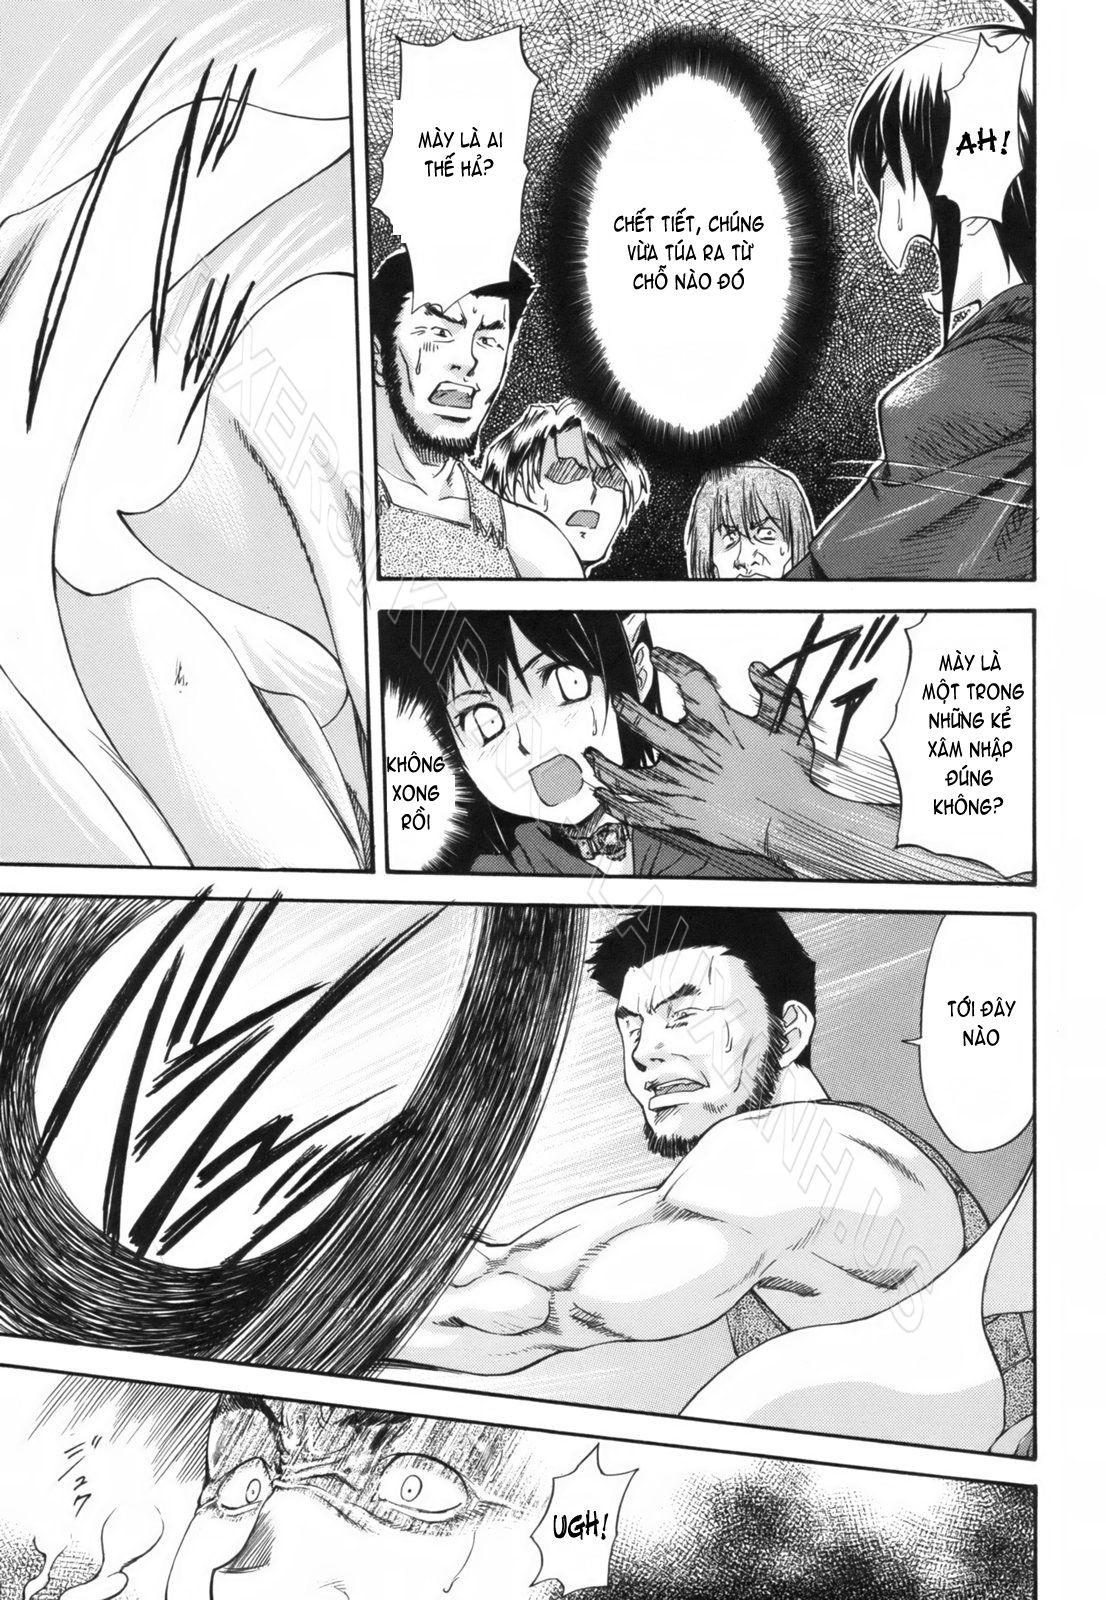 Hình ảnh Hinh_044 trong bài viết Truyện tranh hentai không che: Parabellum